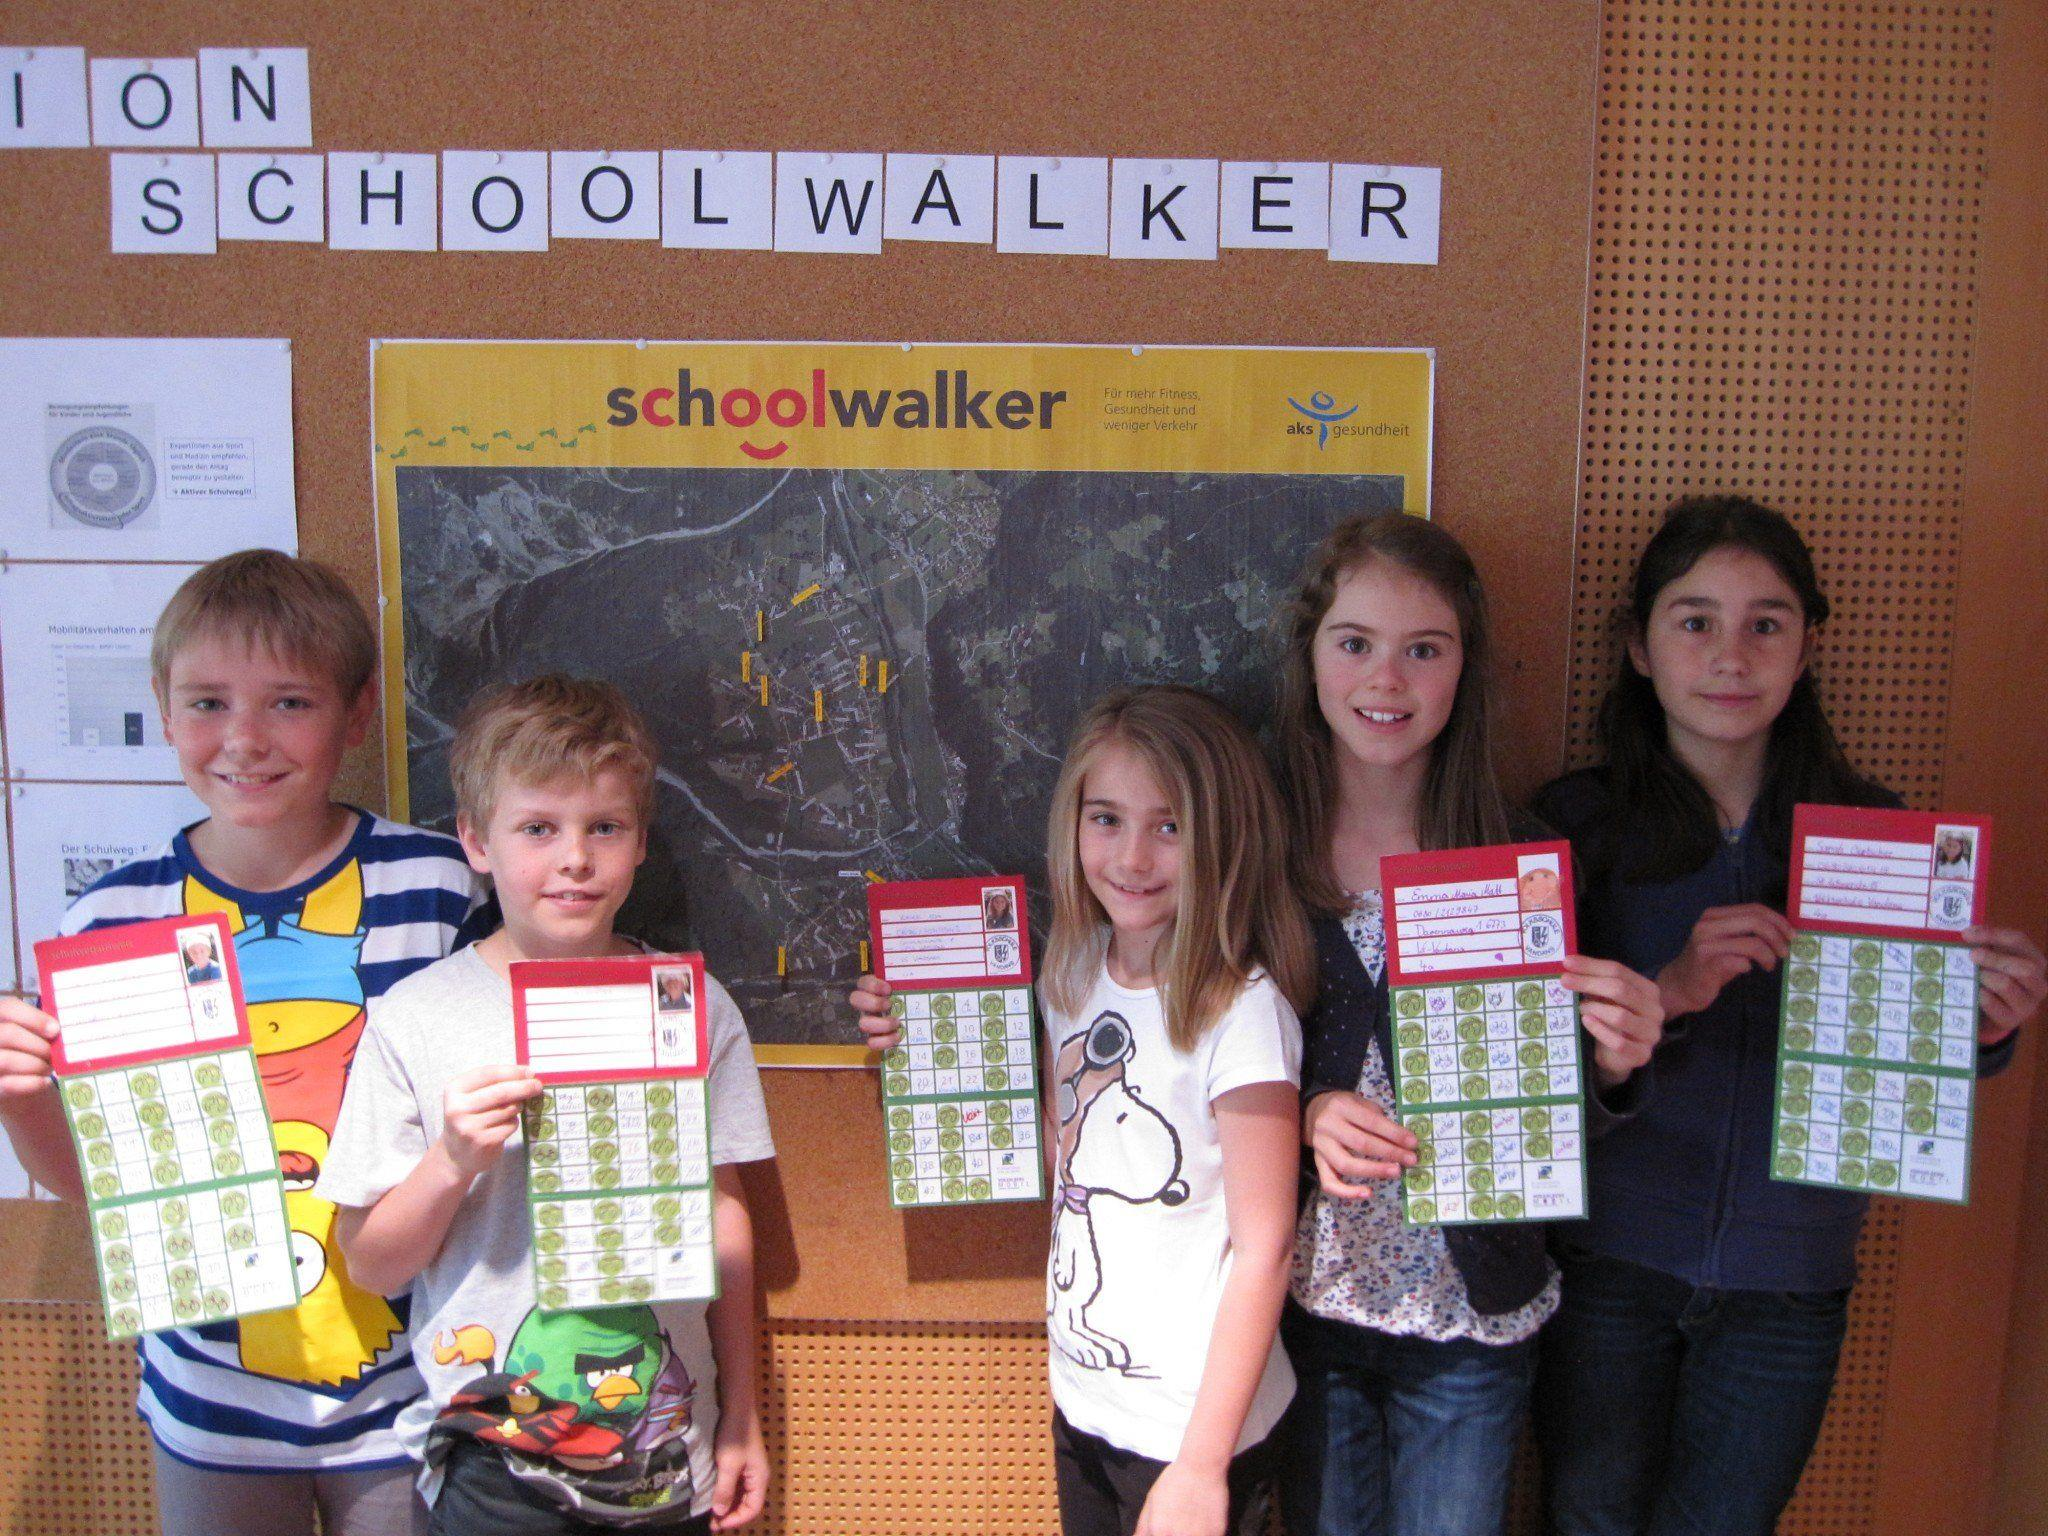 Hatten viel Spaß beim sammeln der schoolwalker-Sticker: Die Kinder der Volksschule Vandans